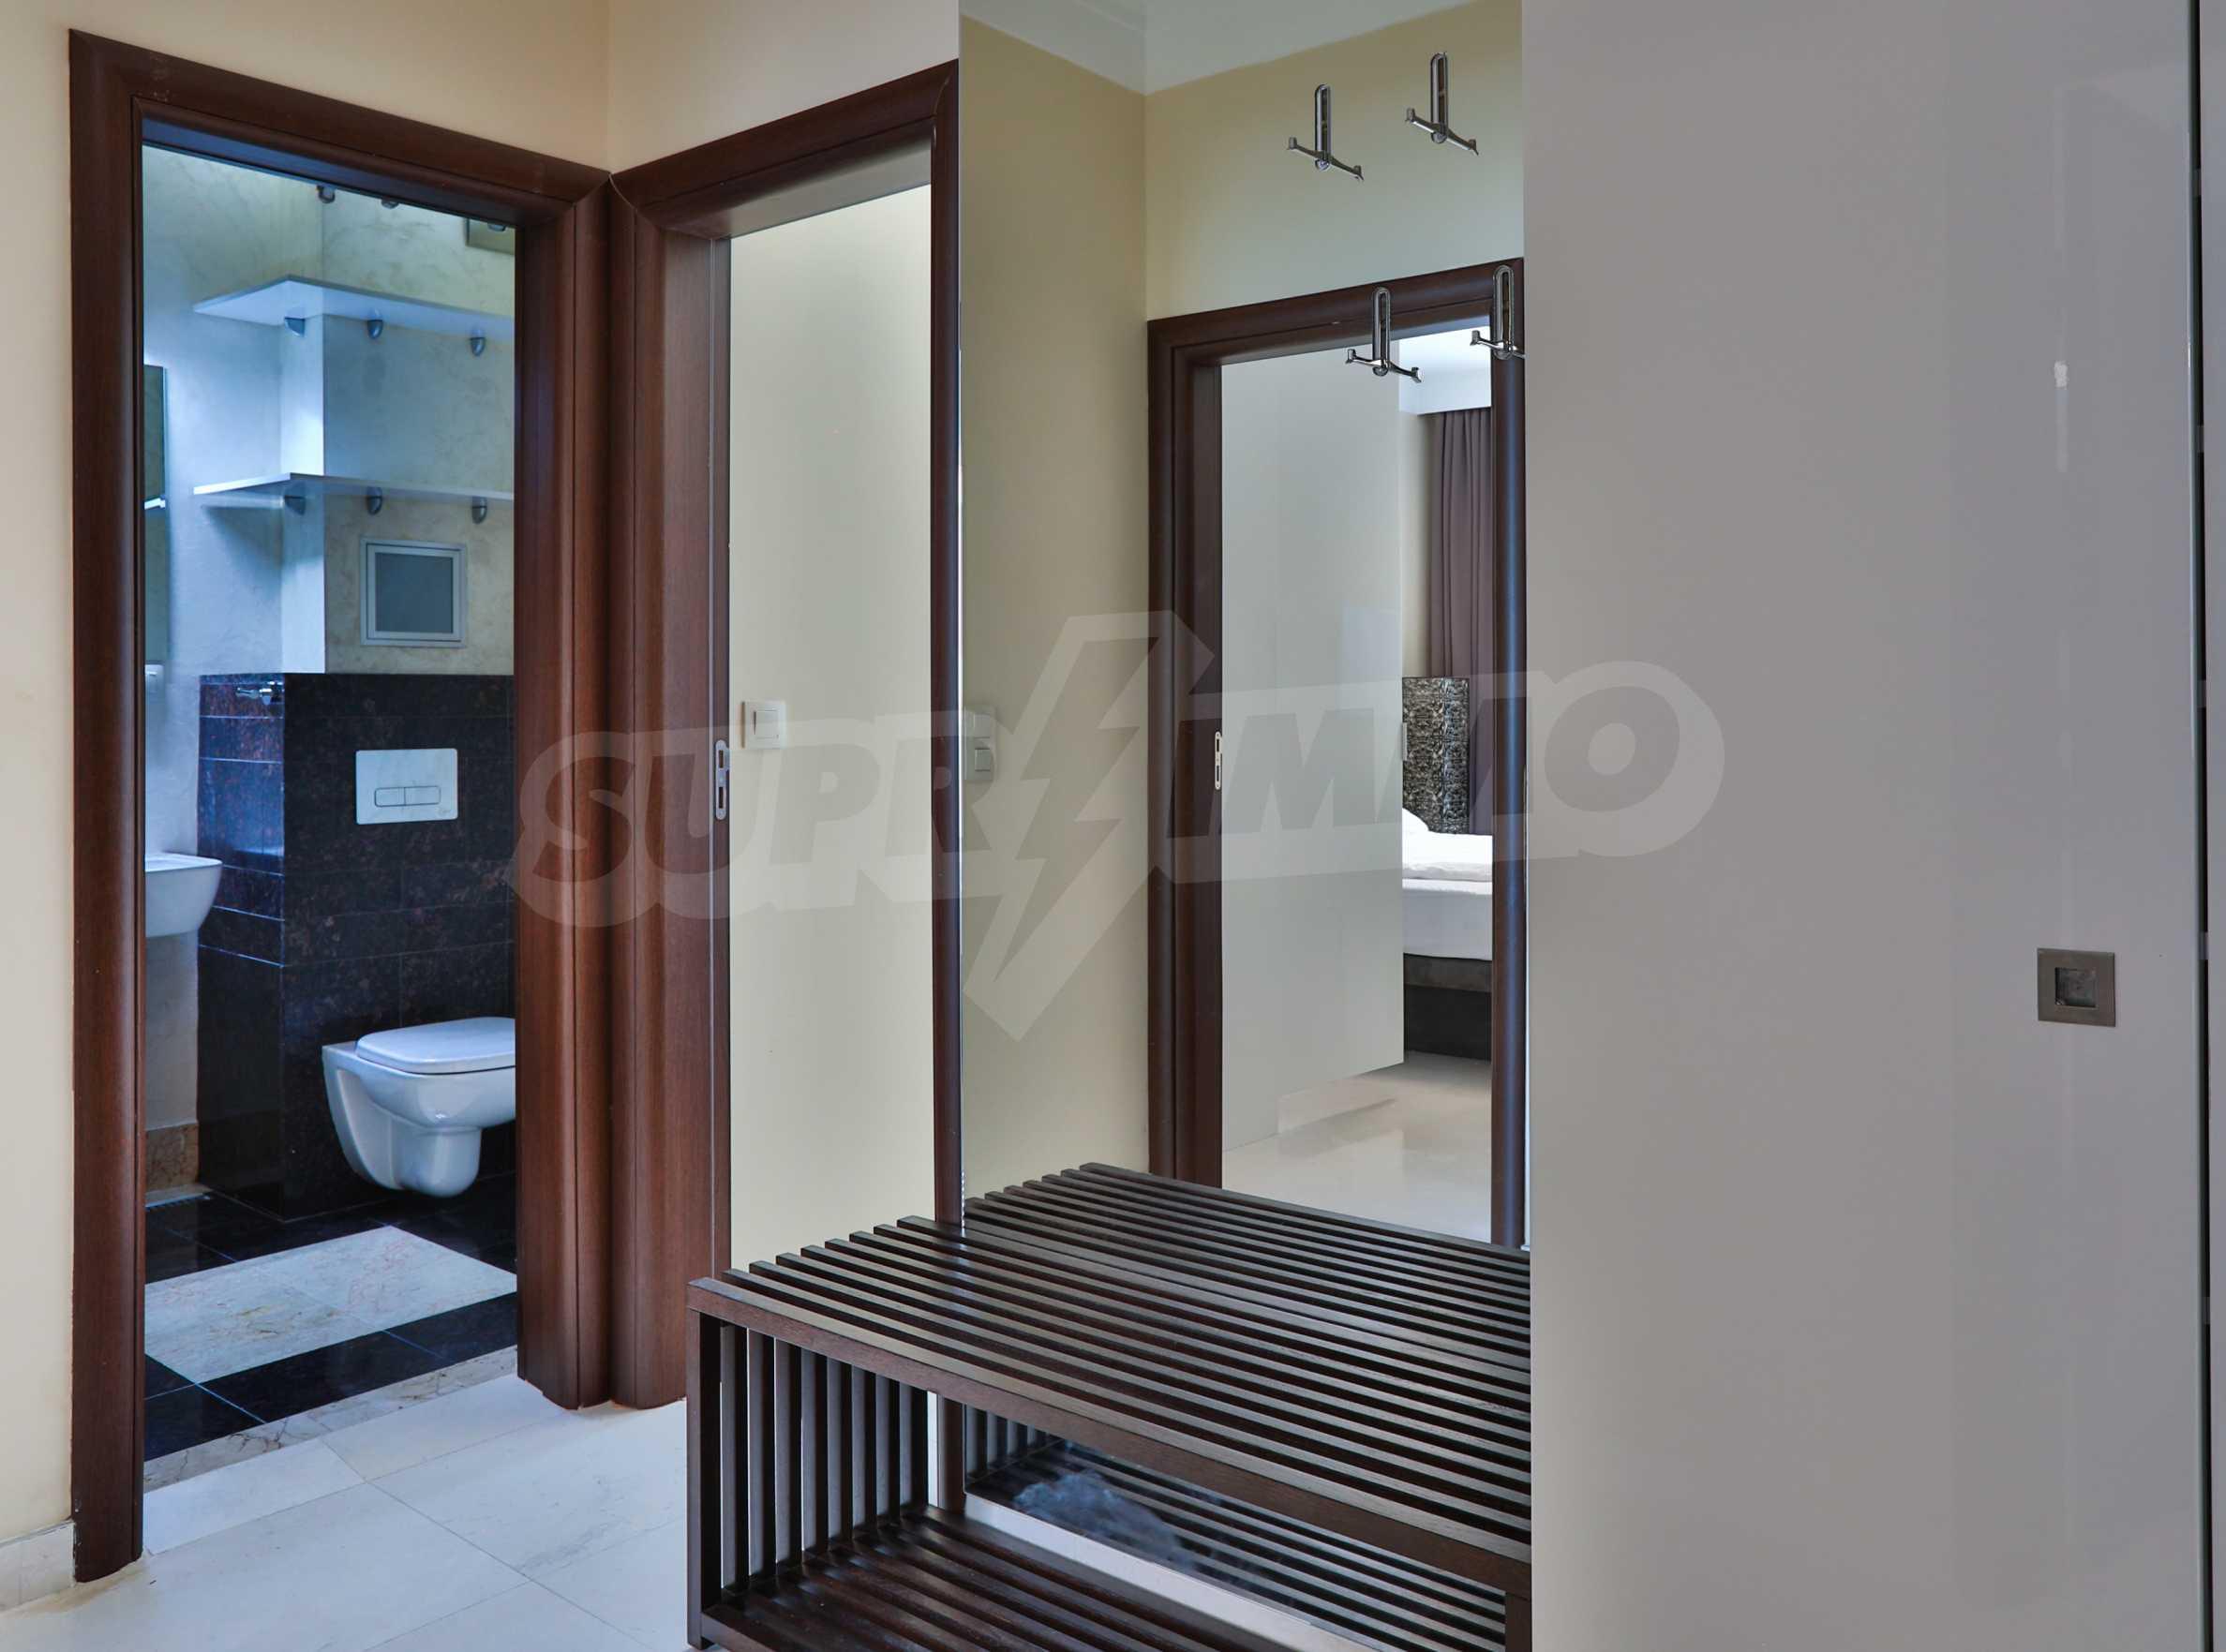 Дизайнерски апартамент с 2 спални в луксозната морска резиденция Belle Époque в Лозенец 27